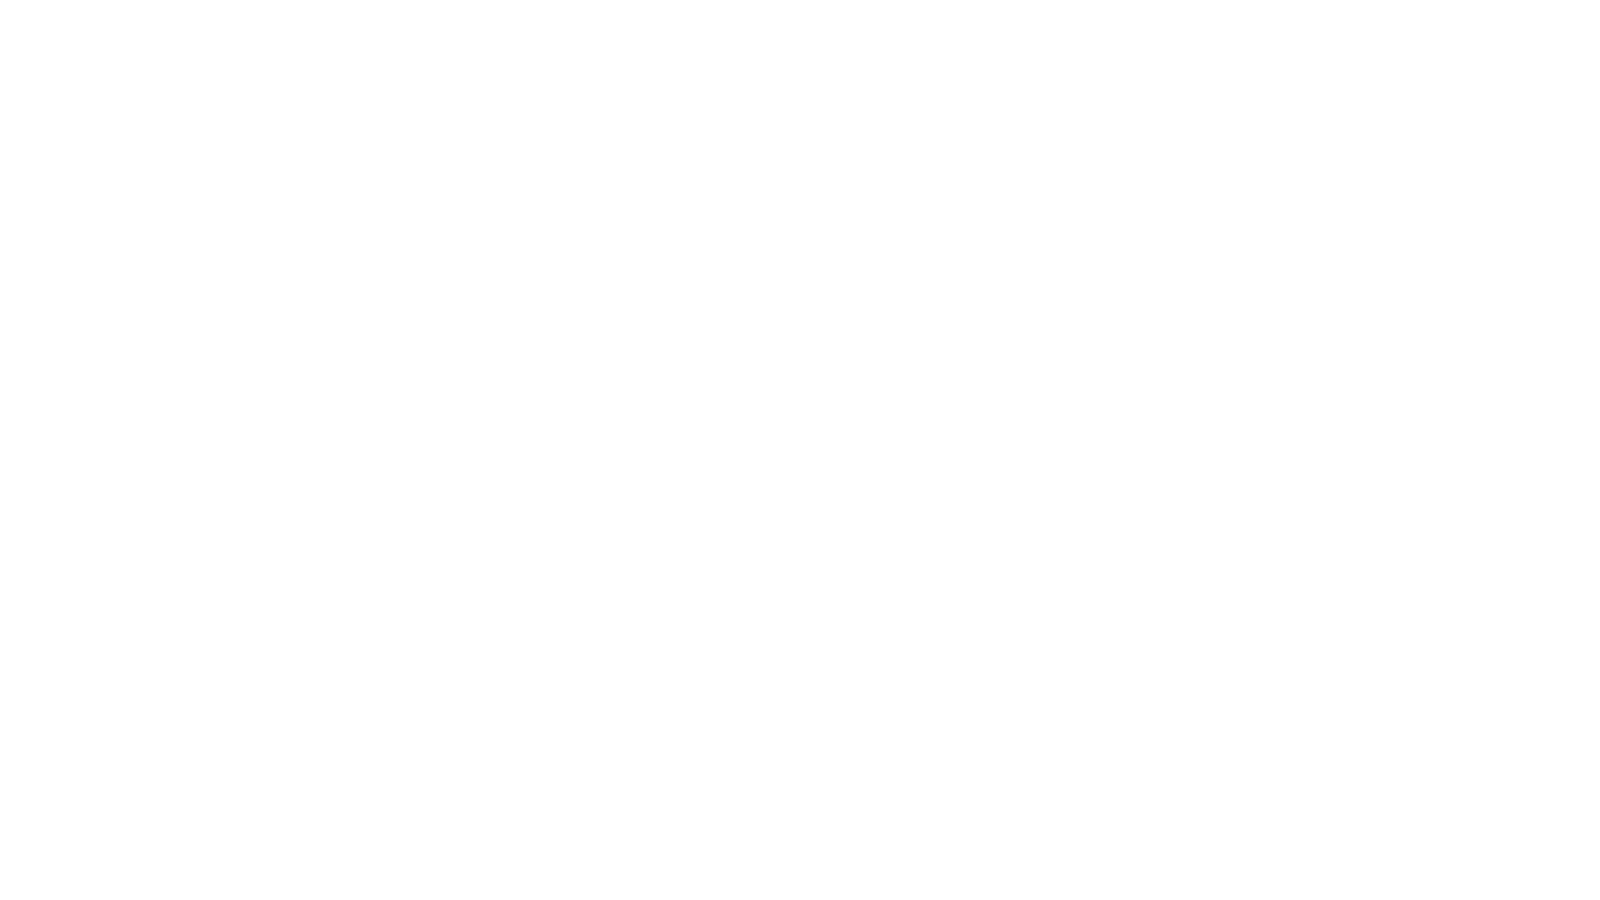 """Todos sempre fazem a mesma pergunta """"Pantovin faz mesmo o cabelo crescer?"""" Sim, faz crescer e isso acontece em razão do blend de ativos que Pantovin têm em sua composição, composto por Pro Vitamina A, Pro Vitamina B5, folllicusan, alecrim, menthol e tantos outros ativos naturais, trabalhando em sinergia estimula sim o crescimento capilar.  Saiba mais acessando - www.pantovinthreetherapy.com.br"""